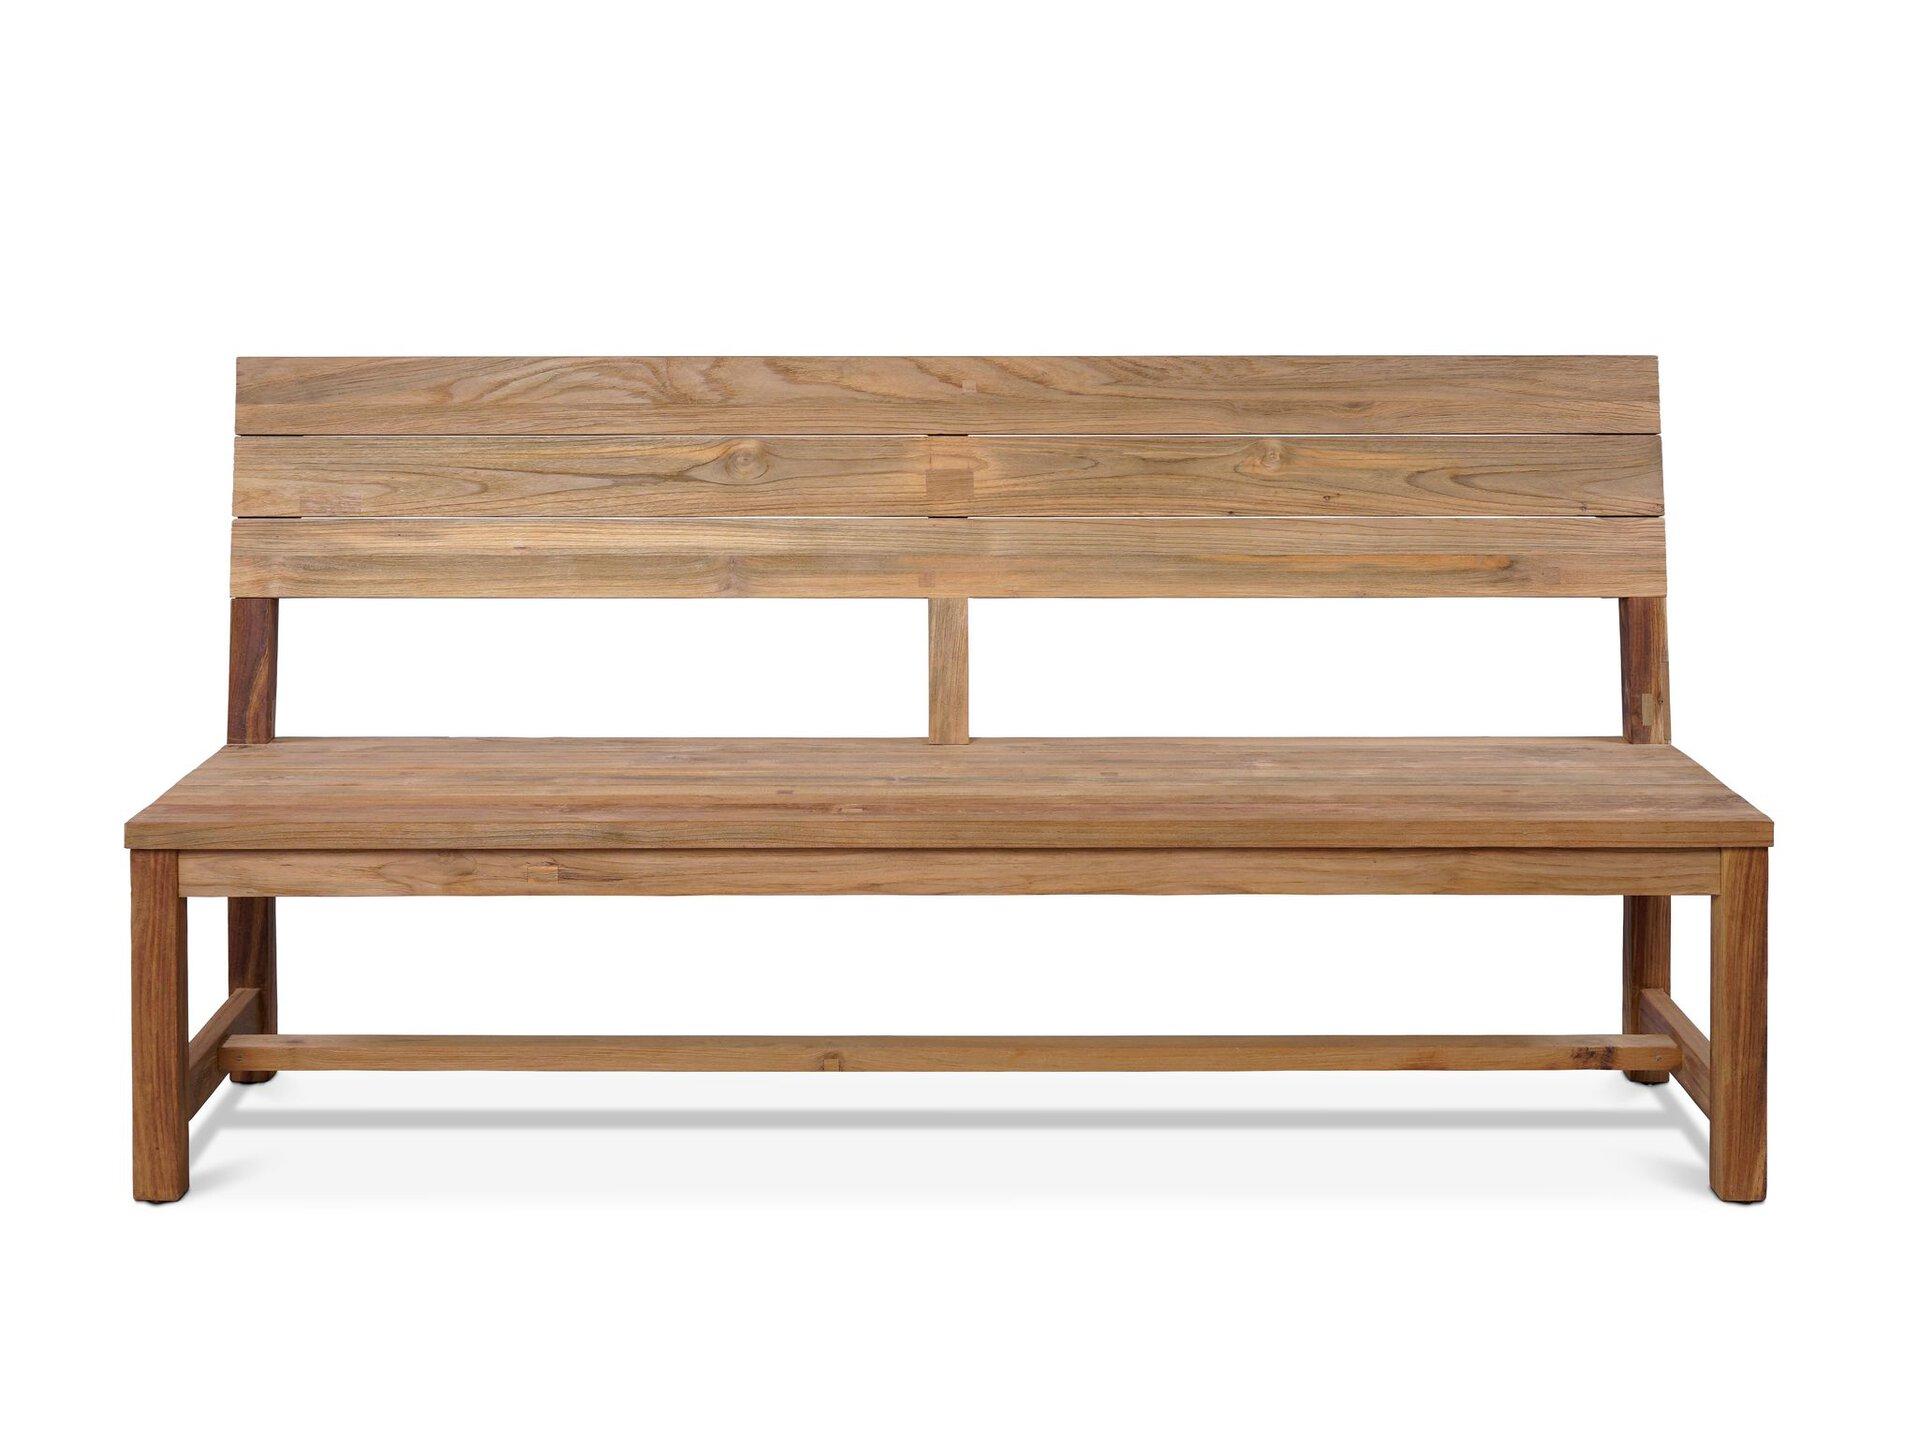 Gartenbank Oxford Outdoor Holz braun 48 x 90 x 110 cm